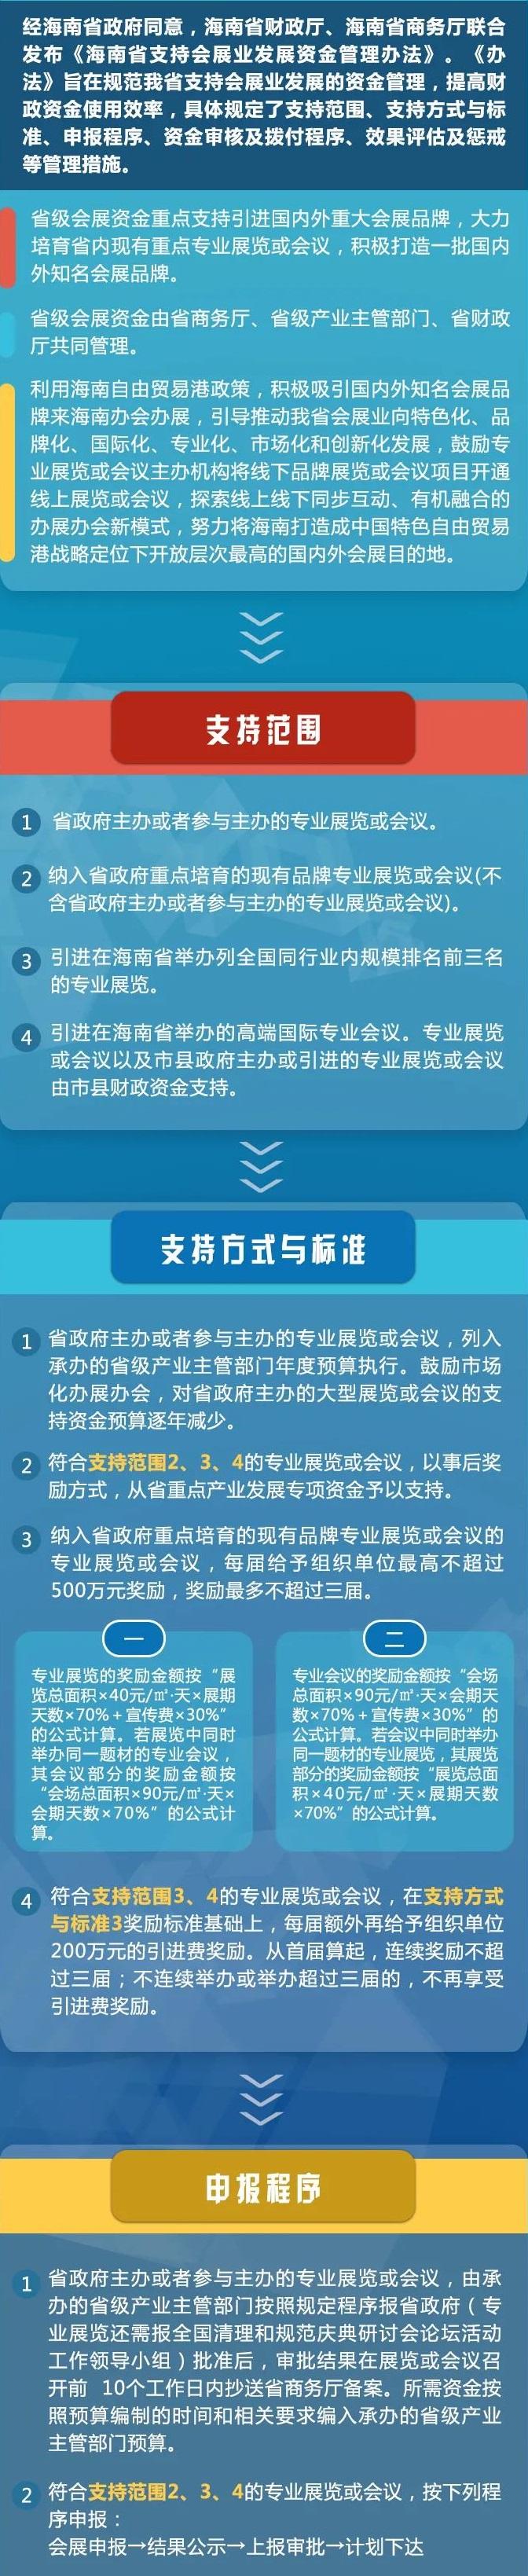 一图看懂《海南省支持会展业发展资金管理办法》